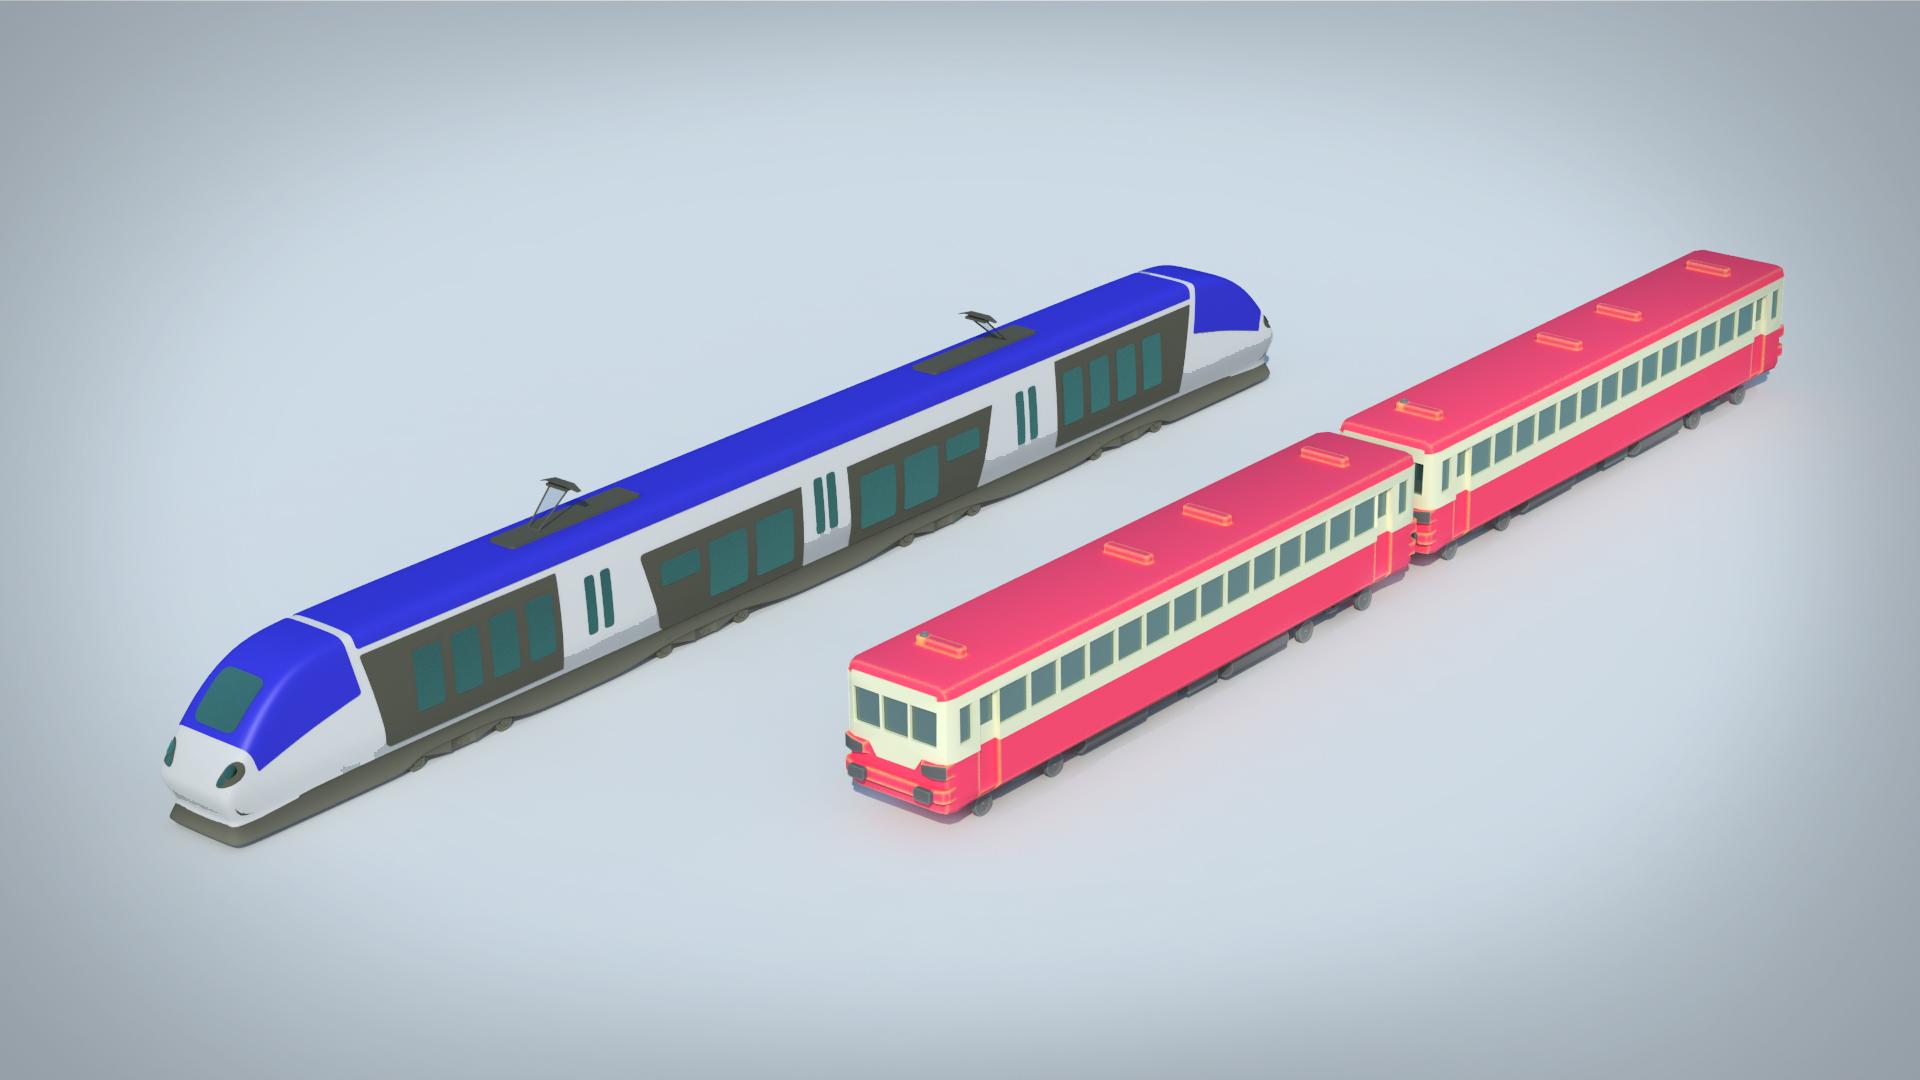 Modélisation des véhicules - Animation 3D